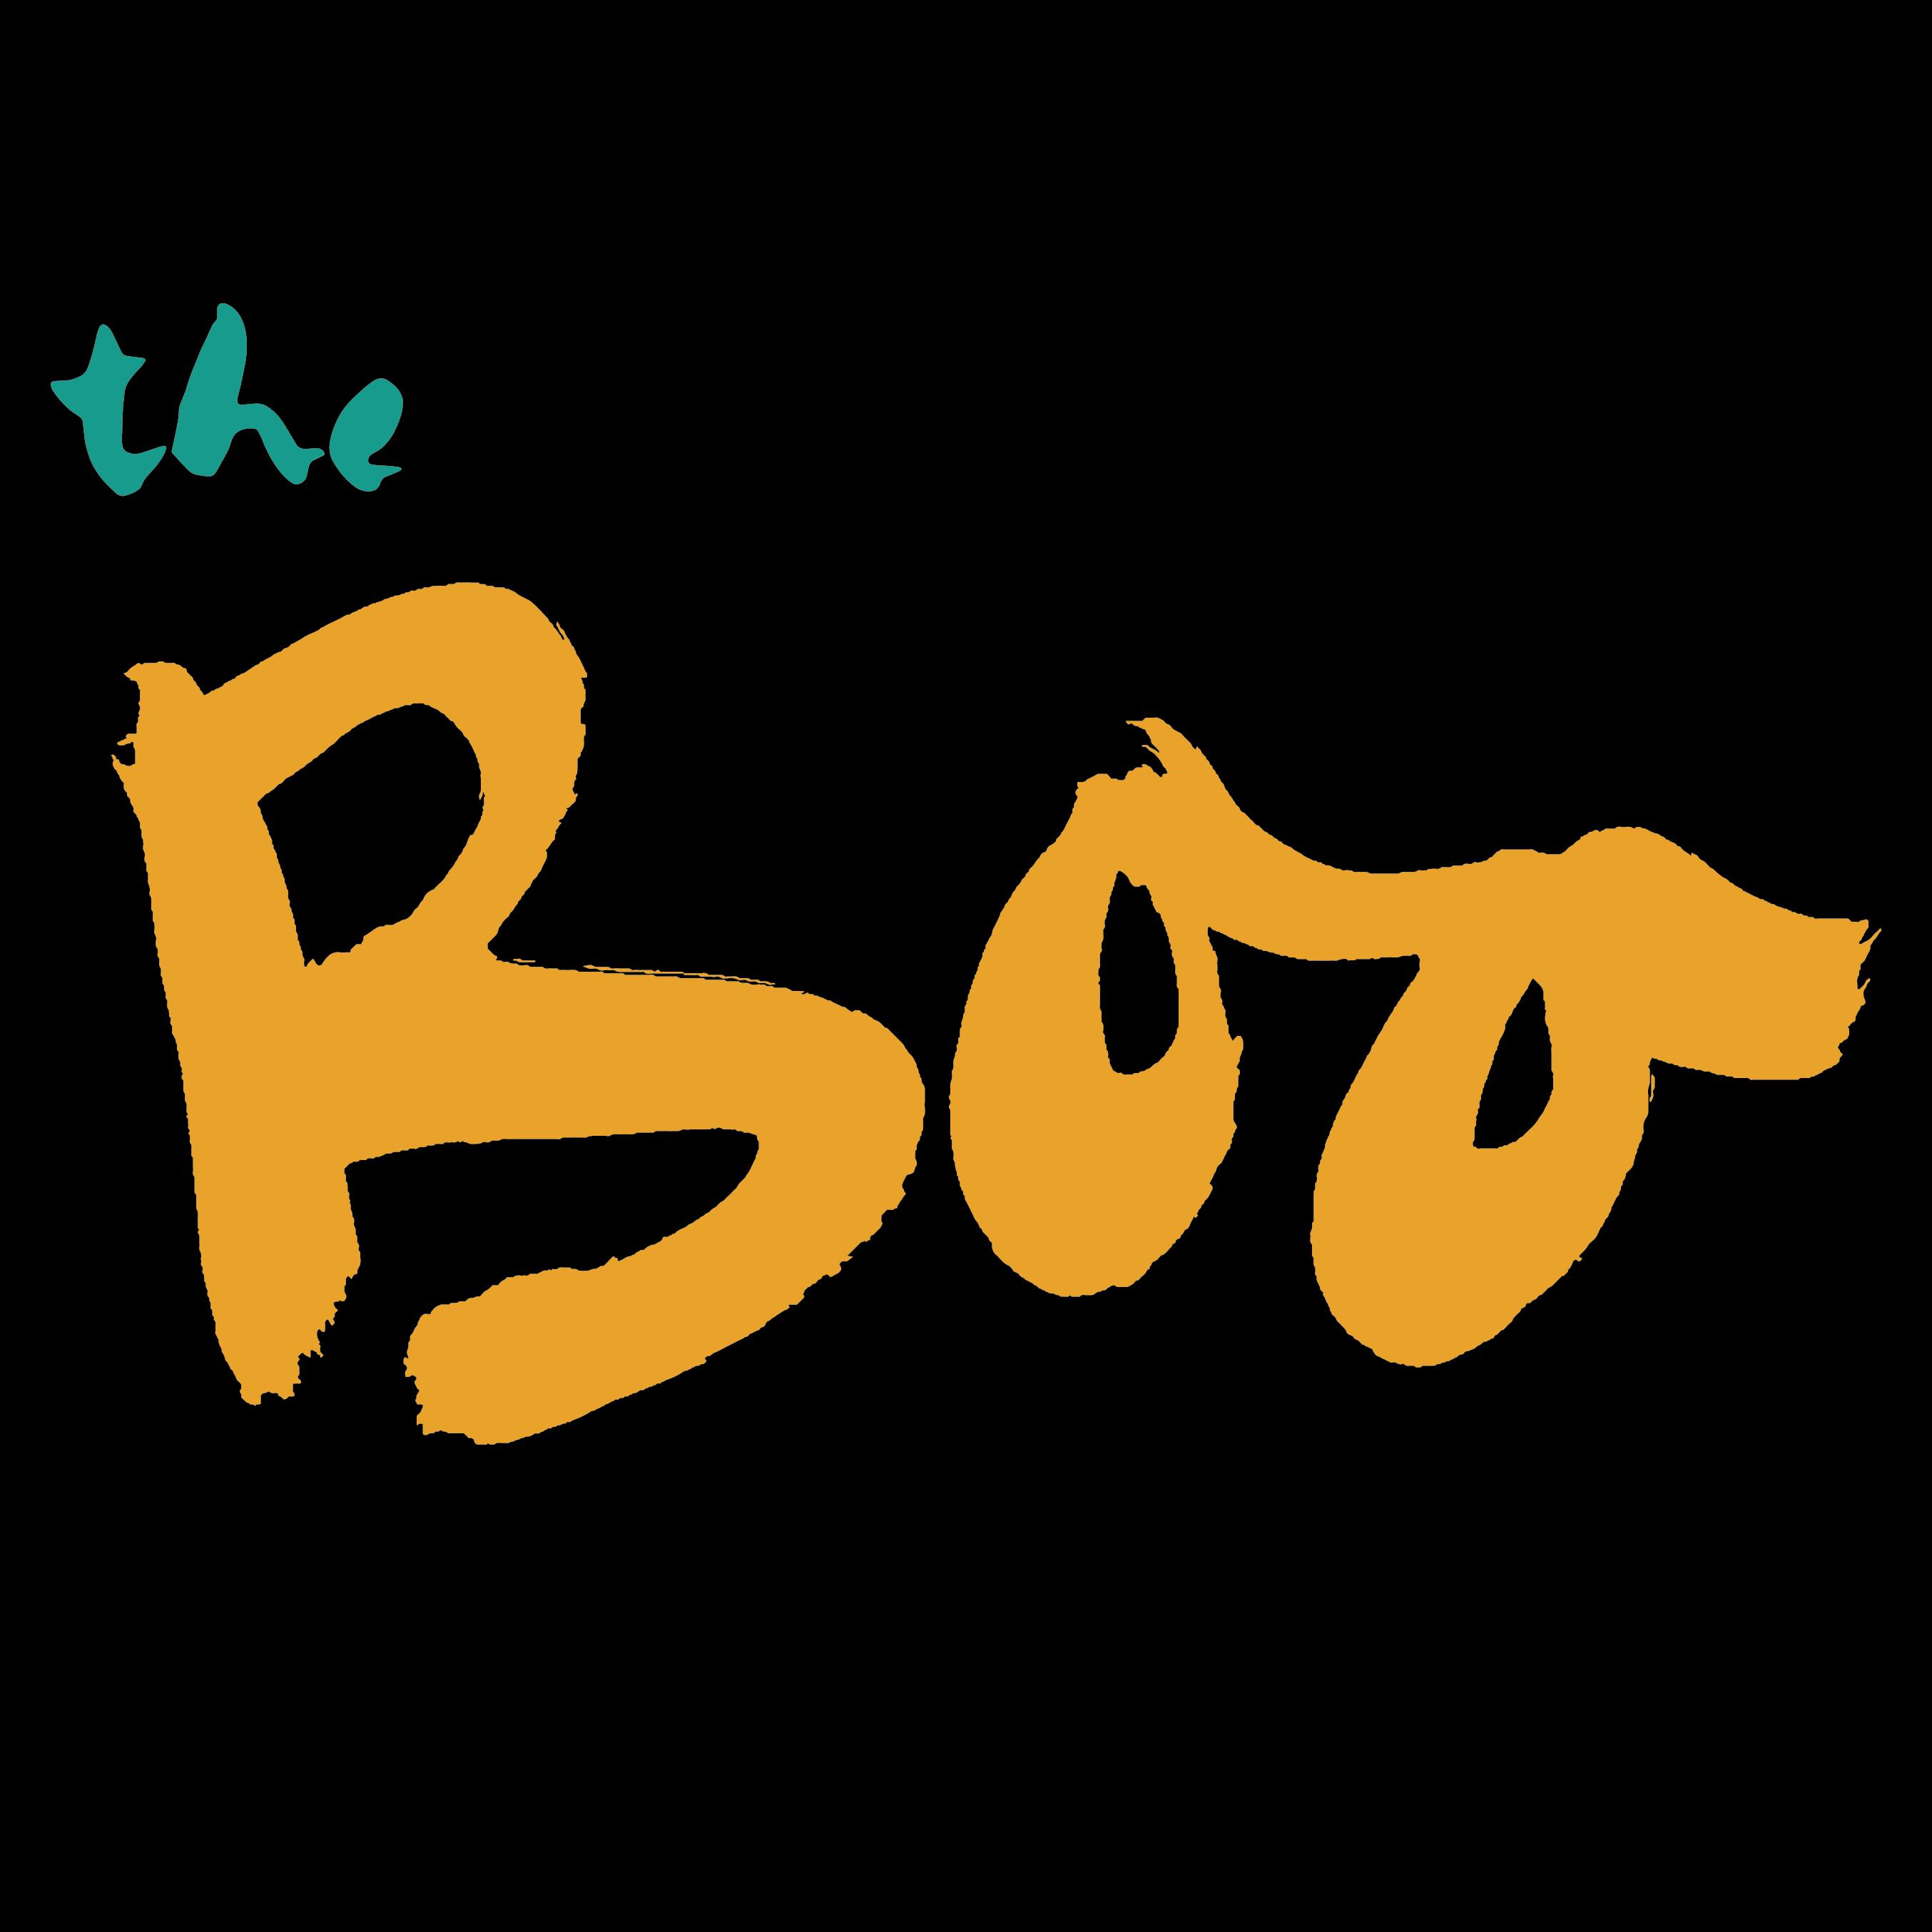 Boo-Logo.png#asset:5051